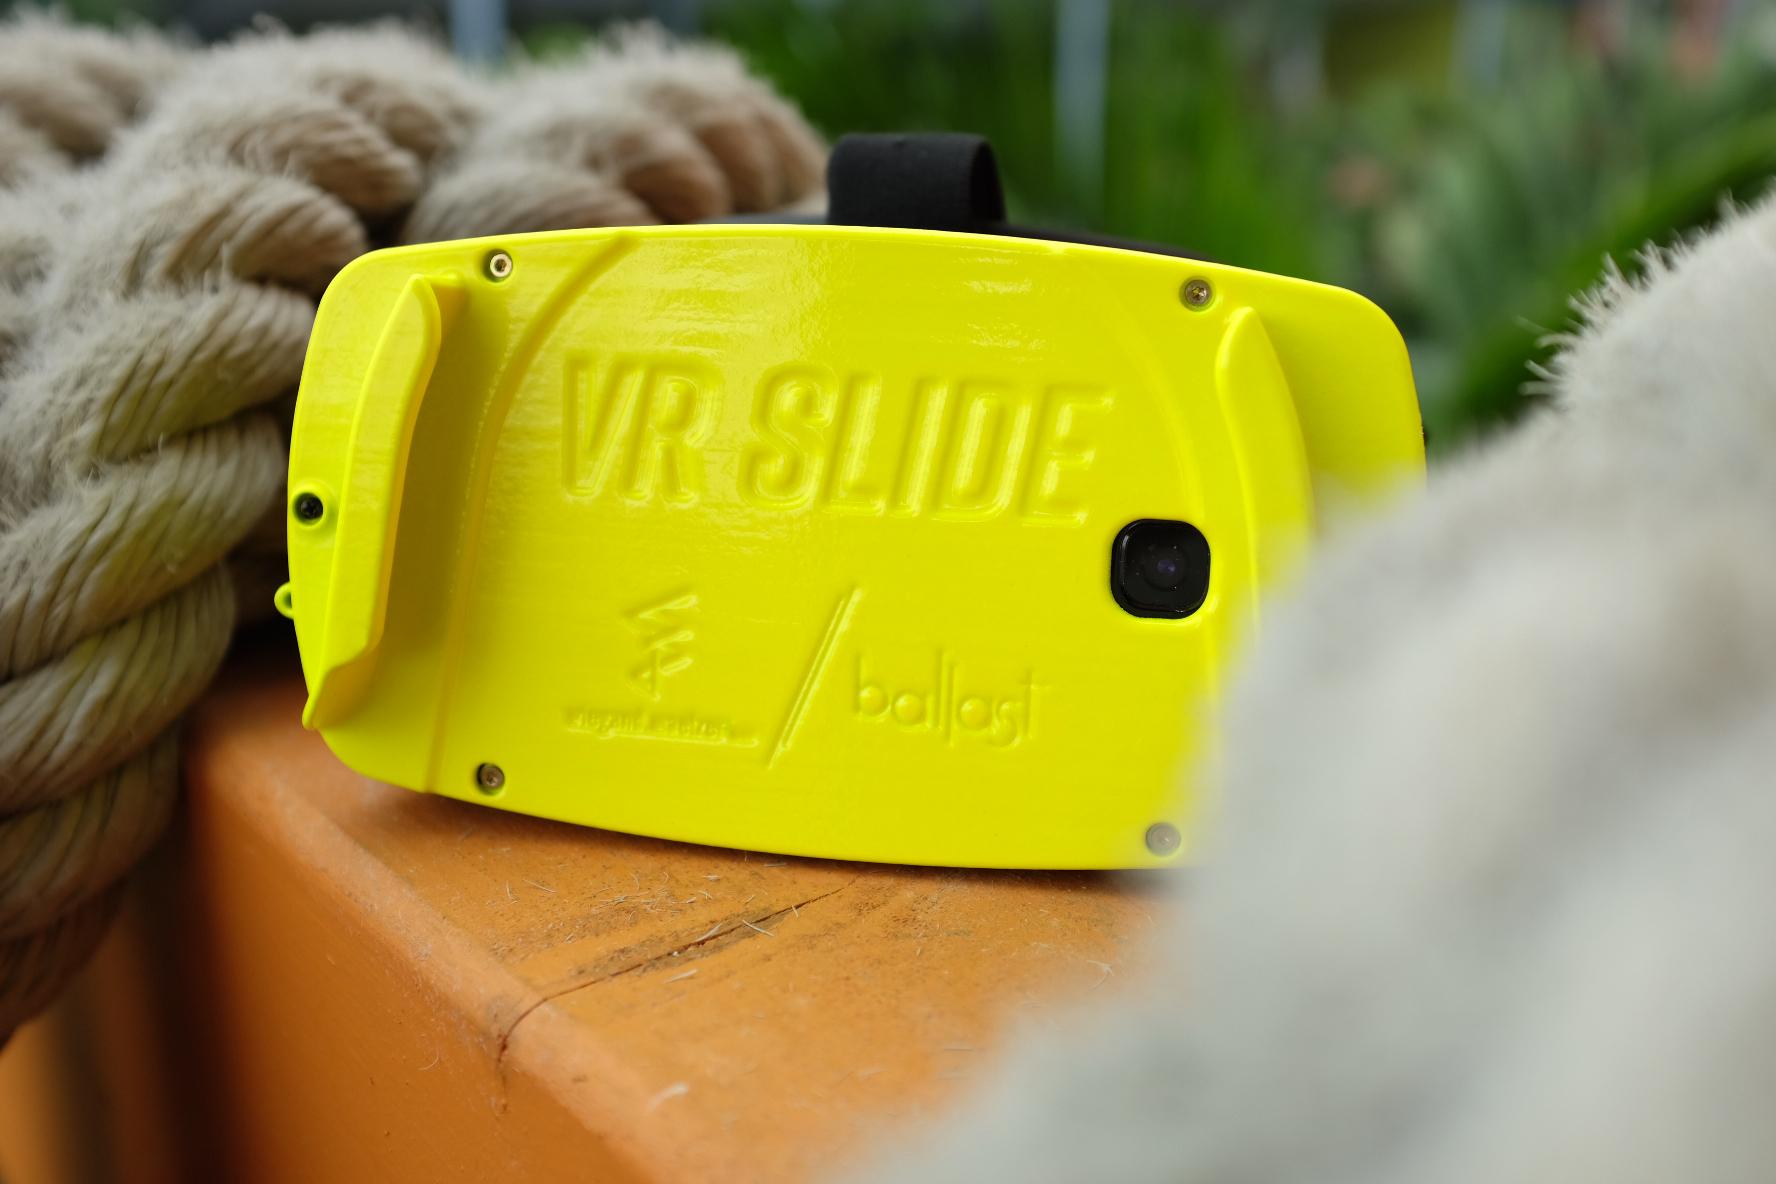 Balastro VR